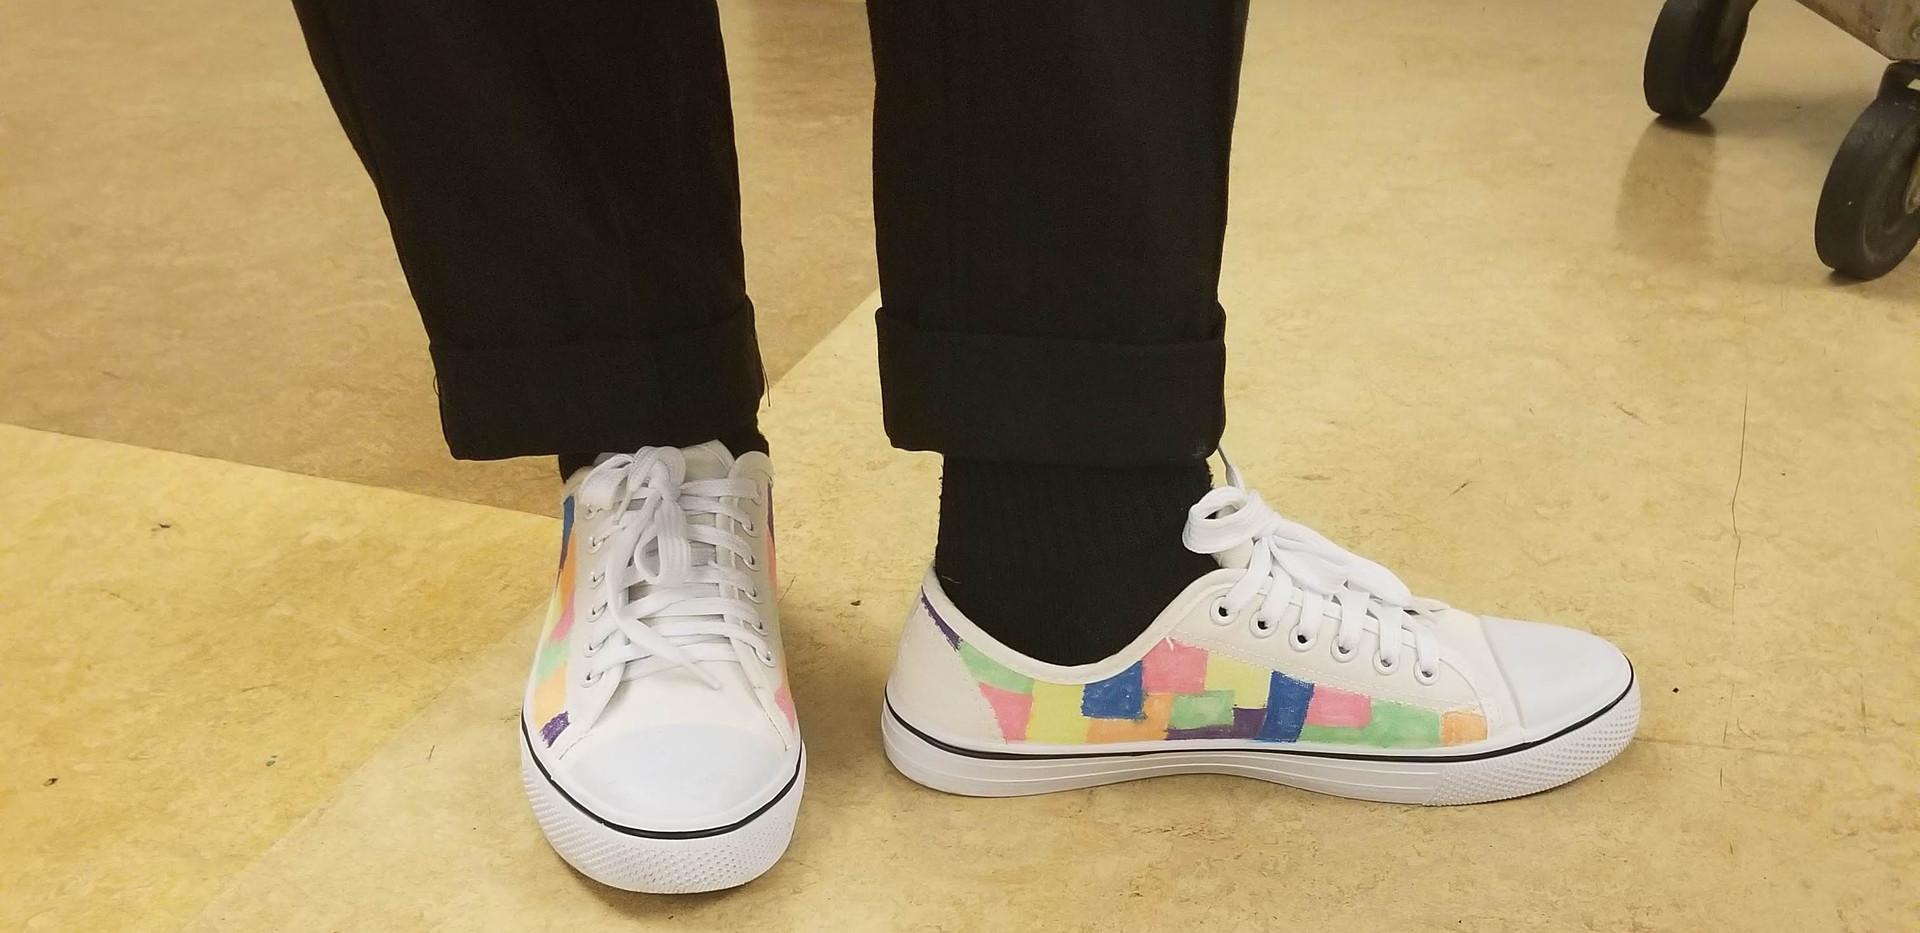 Wannetta's Sneakers